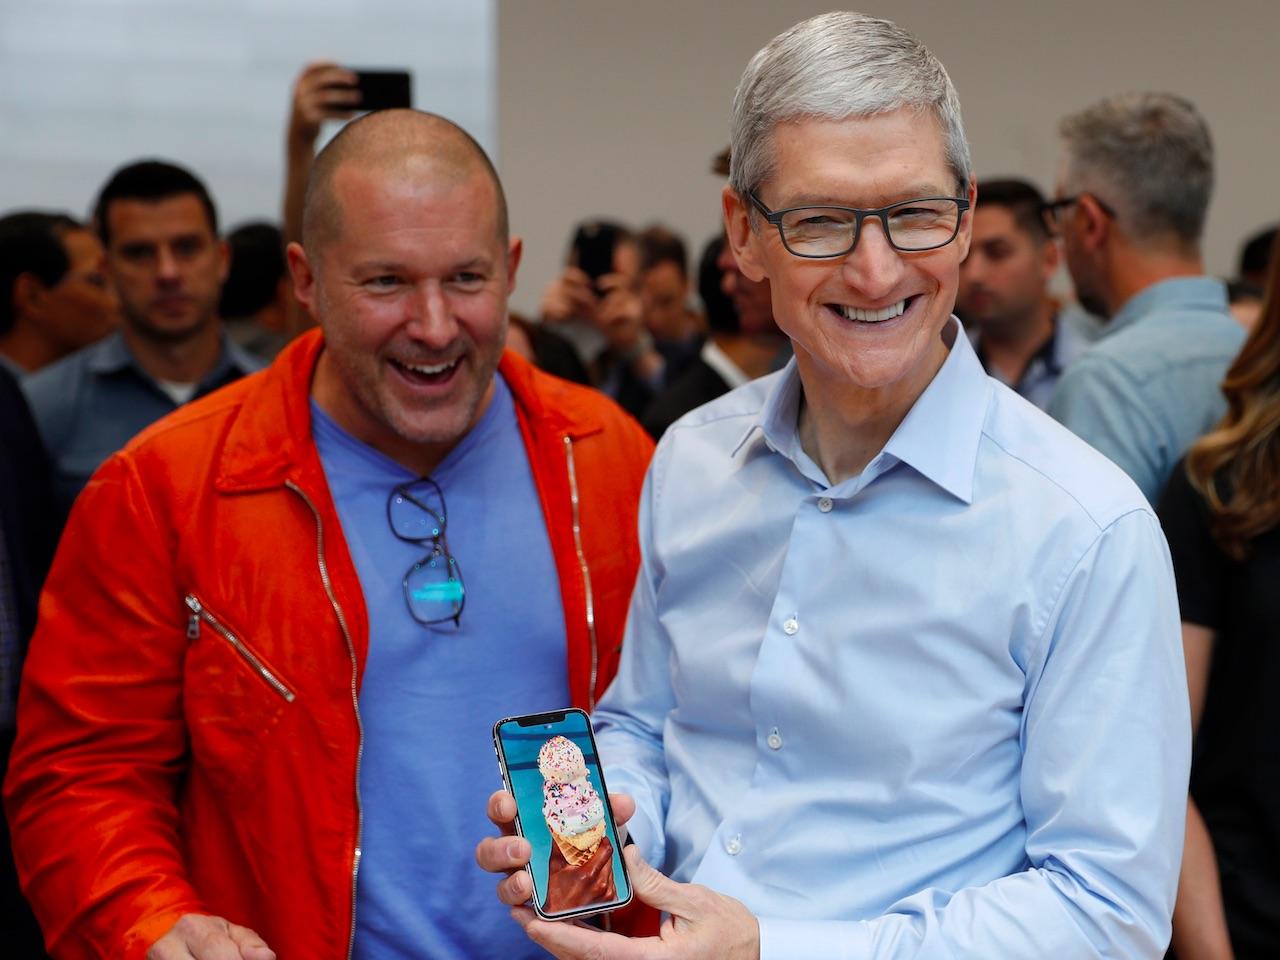 Seulement 3 millions d'exemplaires au lancement — IPhone X